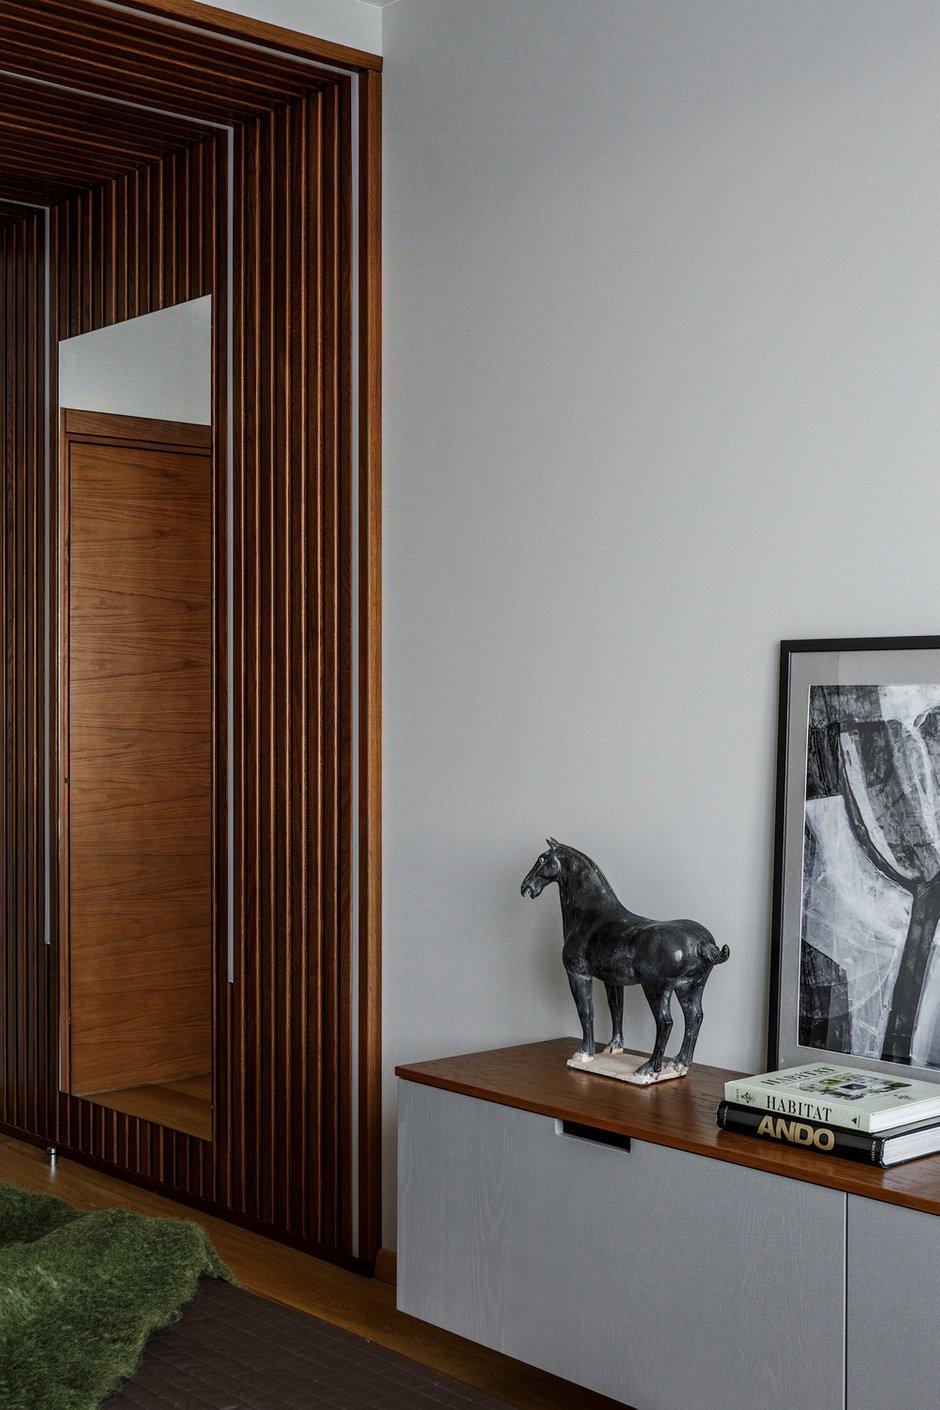 Фотография: Спальня в стиле Современный, Квартира, Проект недели, Московская область, Монолитный дом, 3 комнаты, Более 90 метров, Ксения Коновалова – фото на INMYROOM